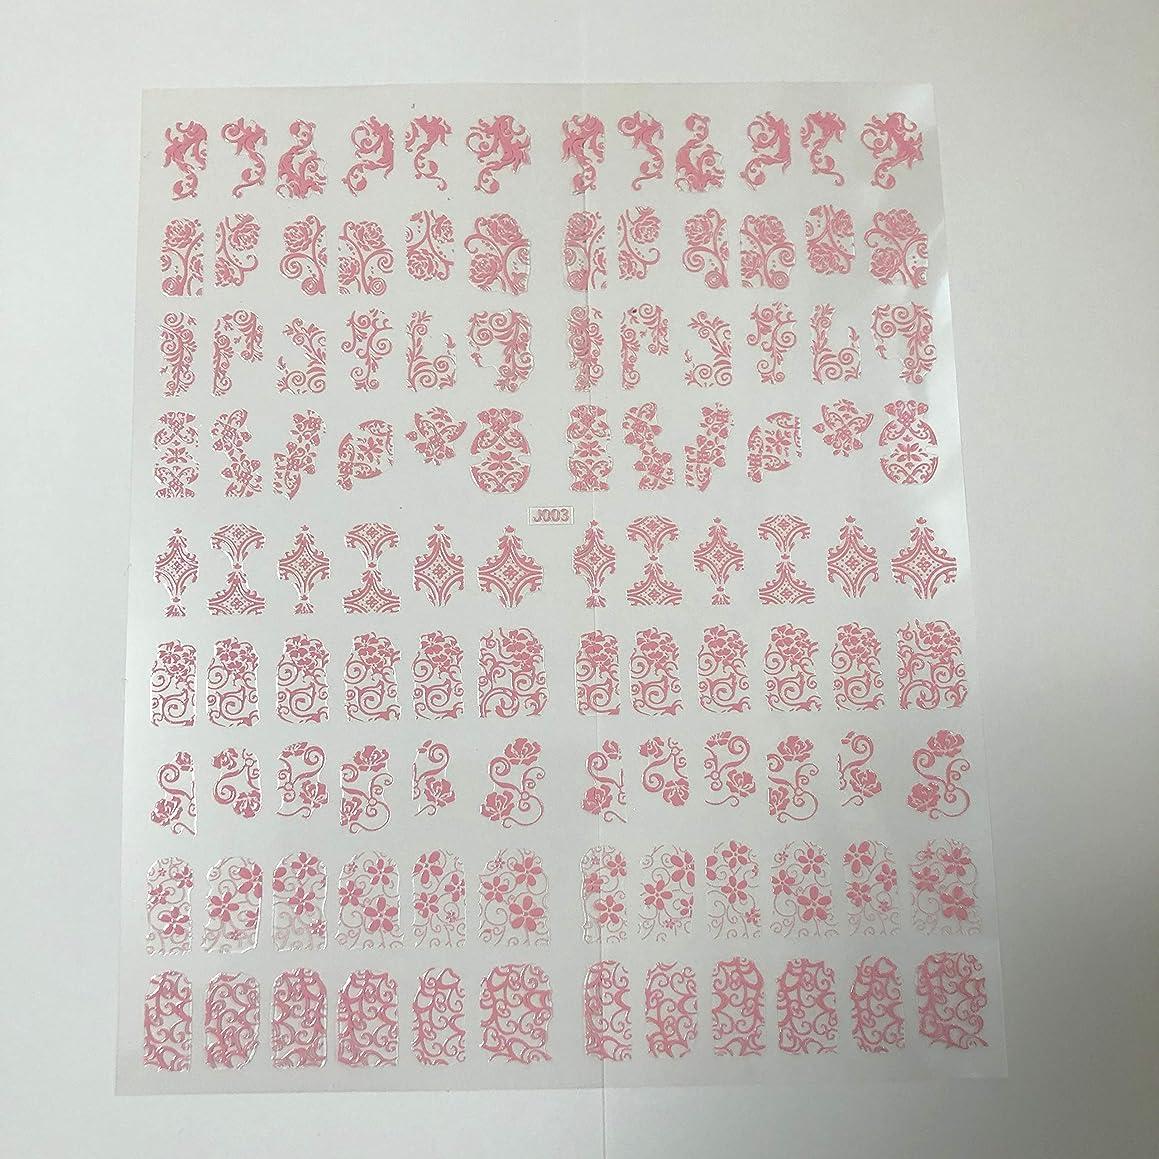 取る単に幹ネイルステッカー 1シート108枚 / ネイルシール/ネイルホイル/ネイルアートテープ/デコレーション/ジェルネイル (pink)